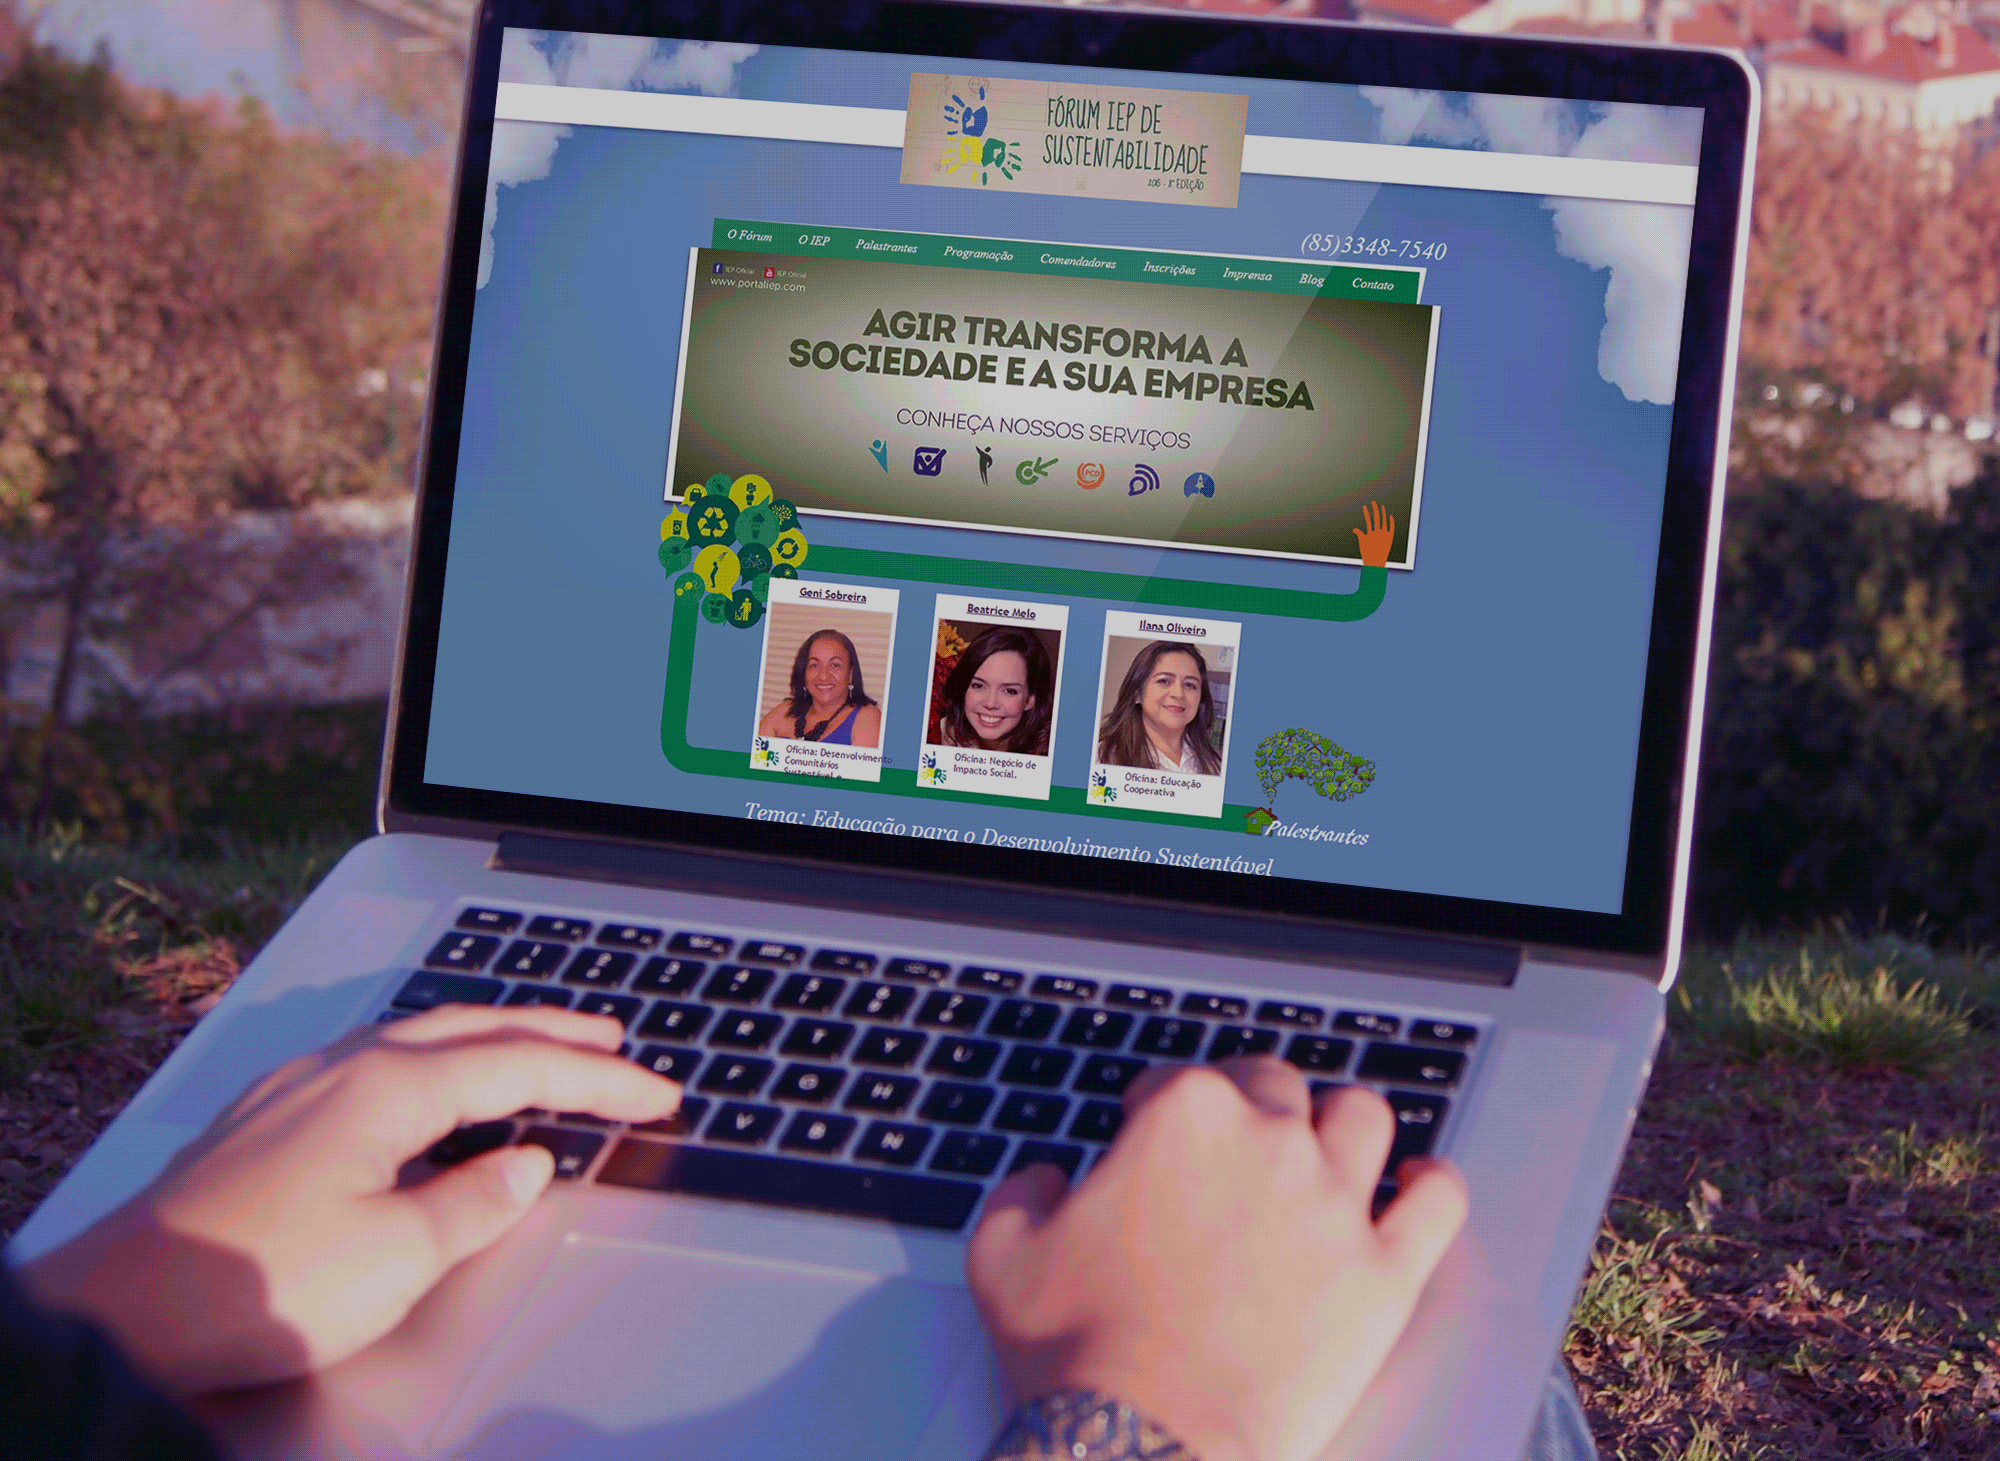 site-forum-iep-sustentabilidade-portfolio-criacao-sites-agencia-diretriz-digital-marketing